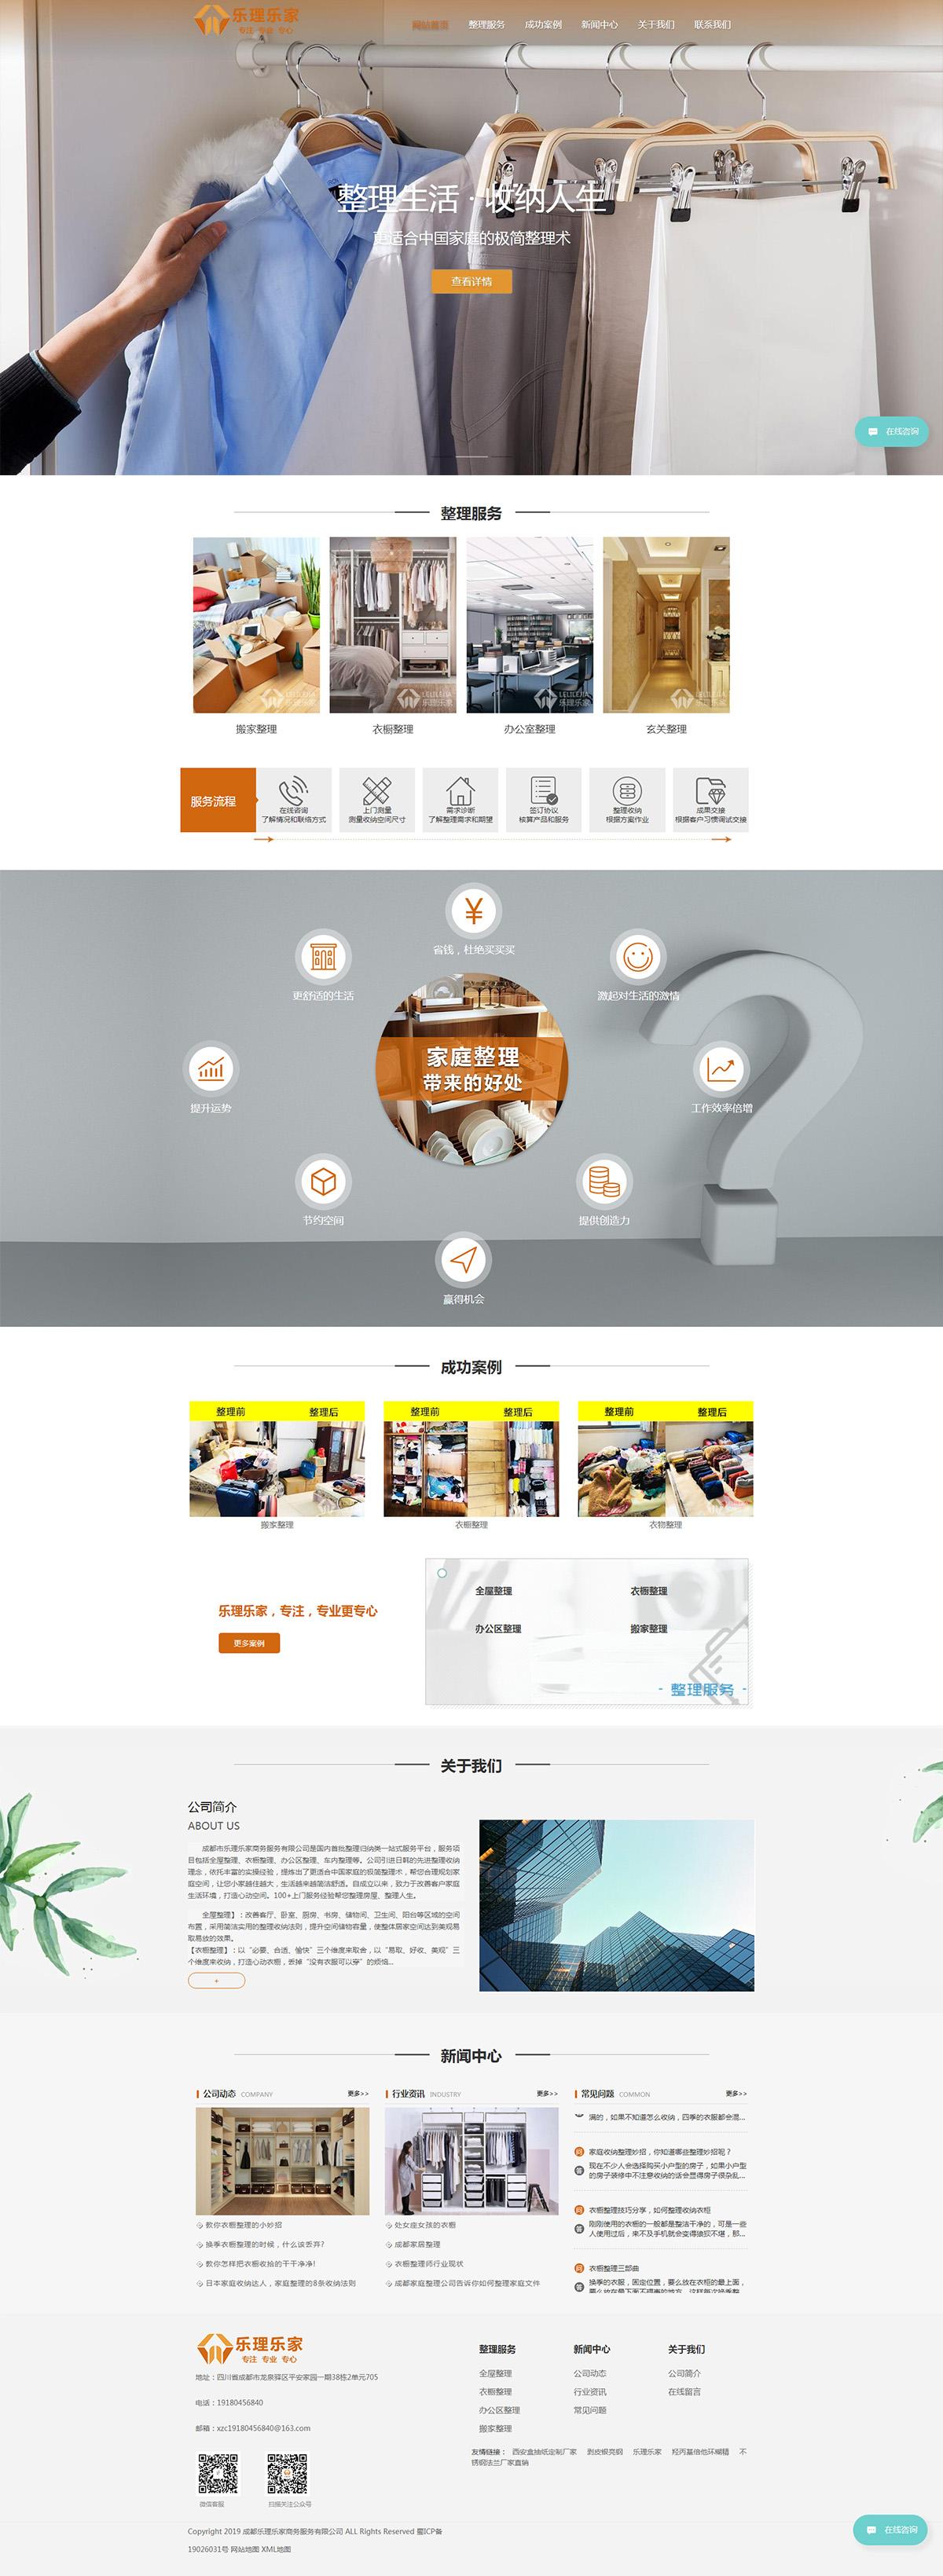 乐理乐家网站建设